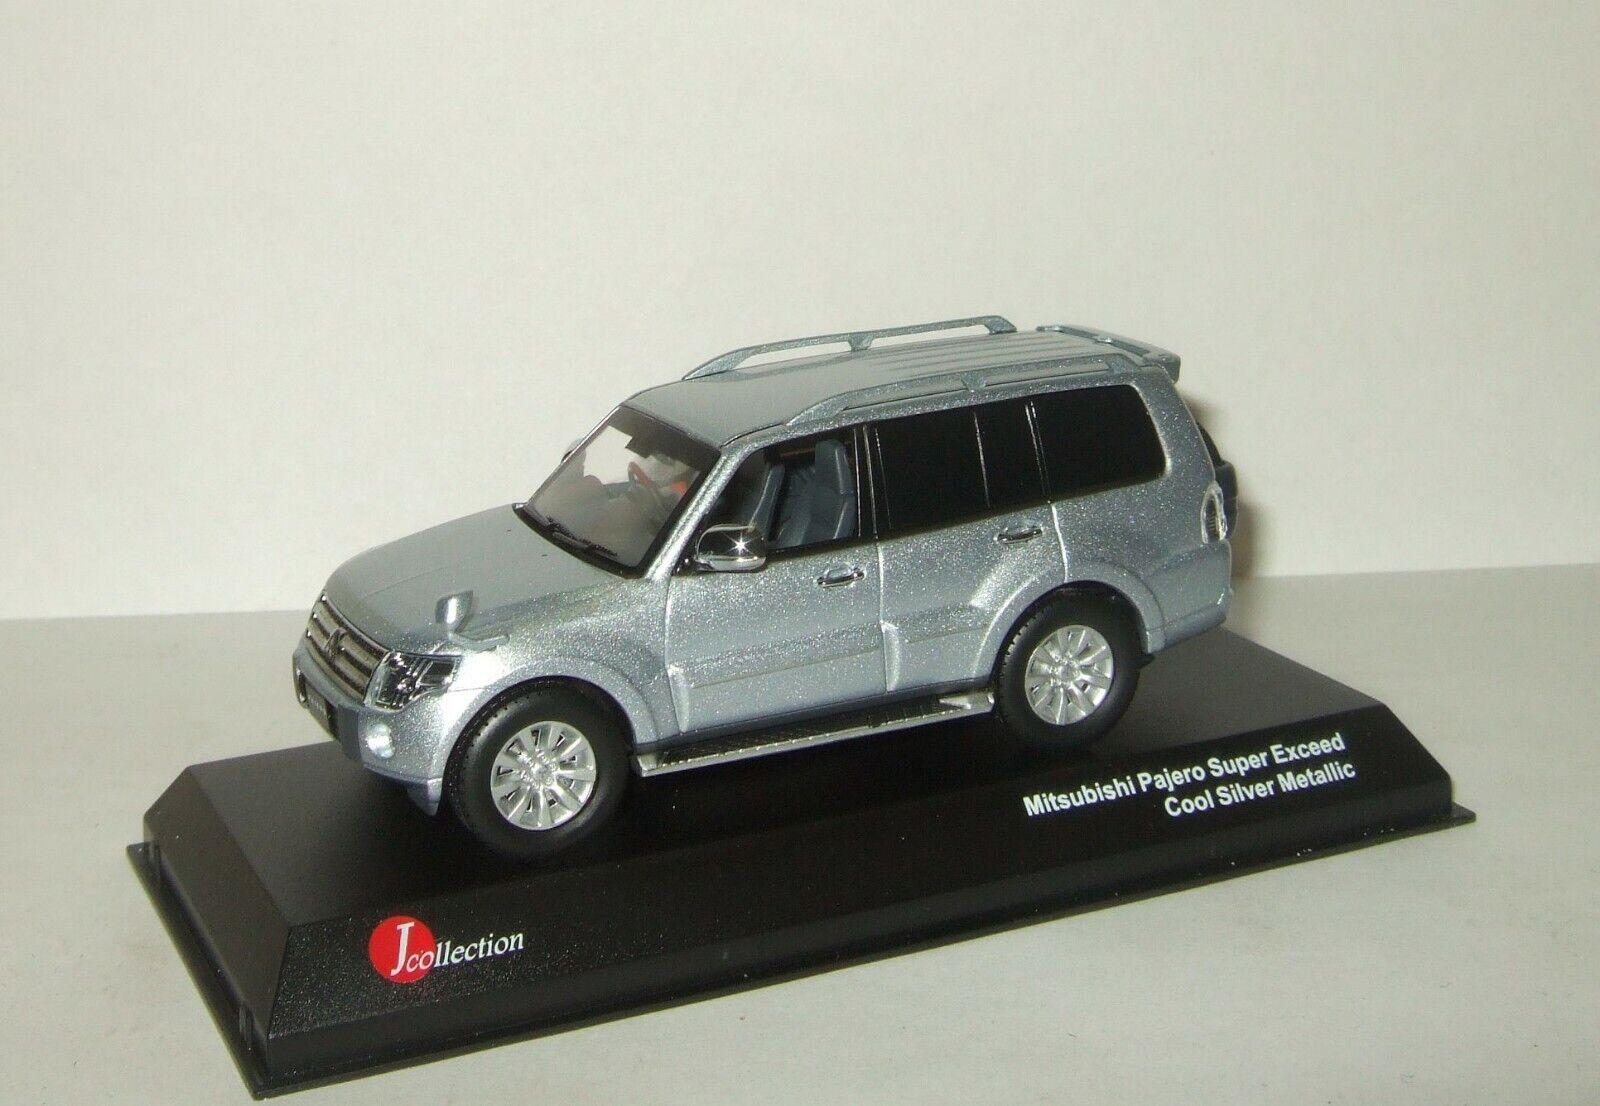 comprar marca 1 43 Mitsubishi Pajero 4 Kyosho J Colección súper exceder exceder exceder 4x4 4WD plata 2011  opciones a bajo precio